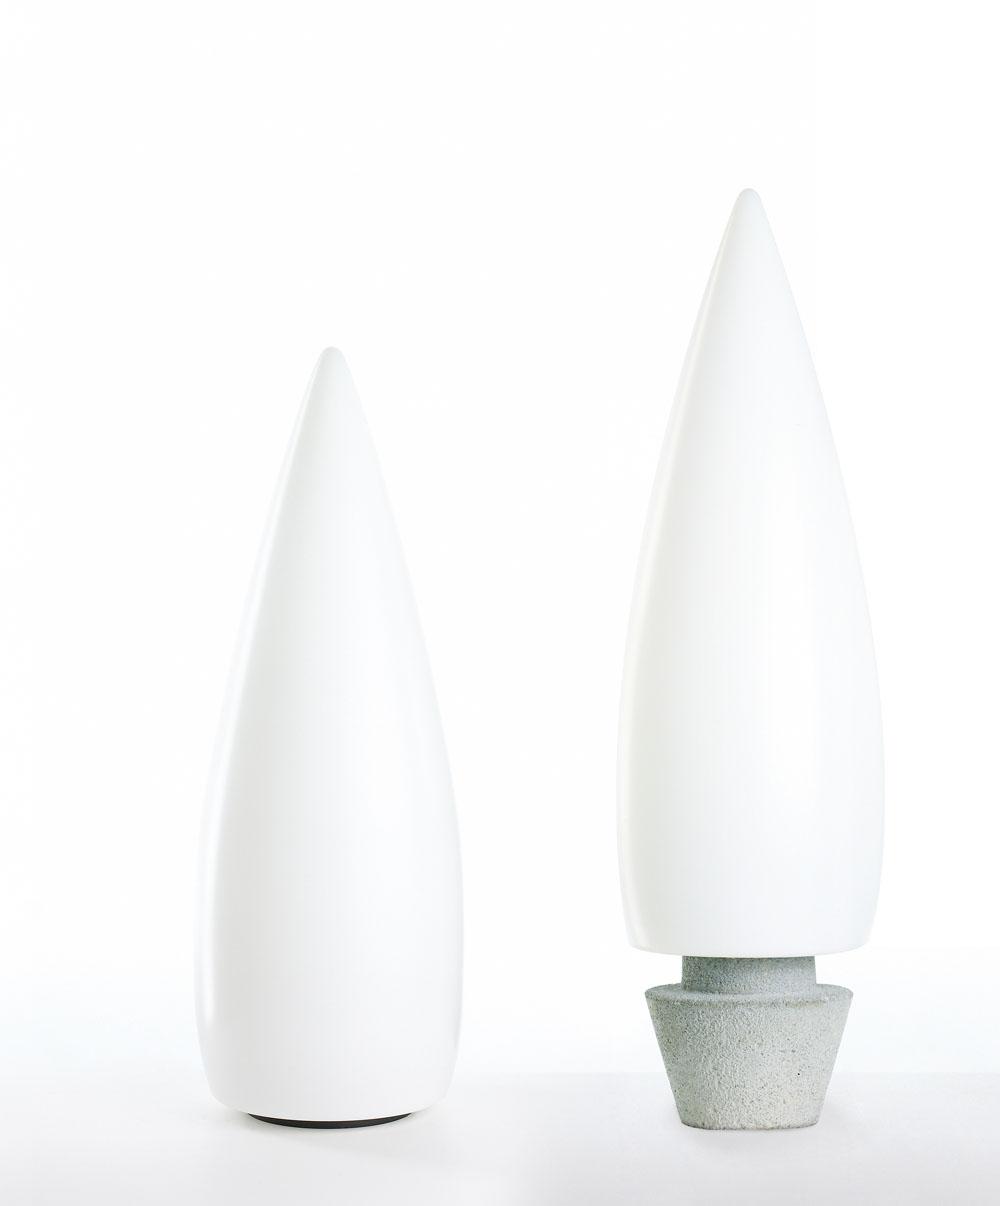 Kanpazar 80B lámpara de Pie 2G11 2x36w - blanco opal